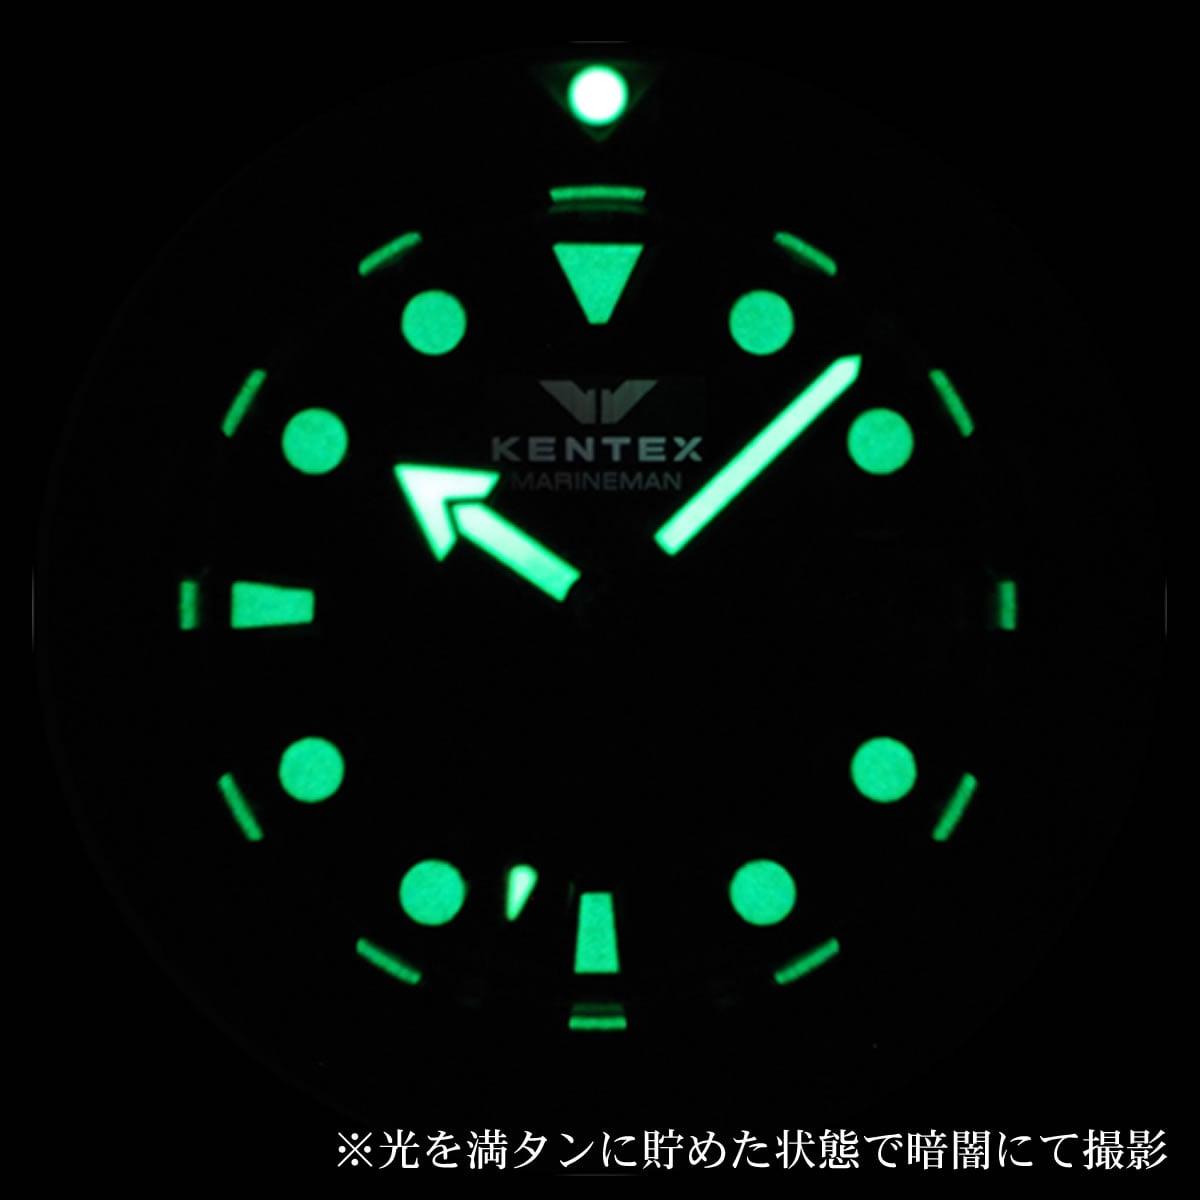 スーパールミナス夜光 s706m-12